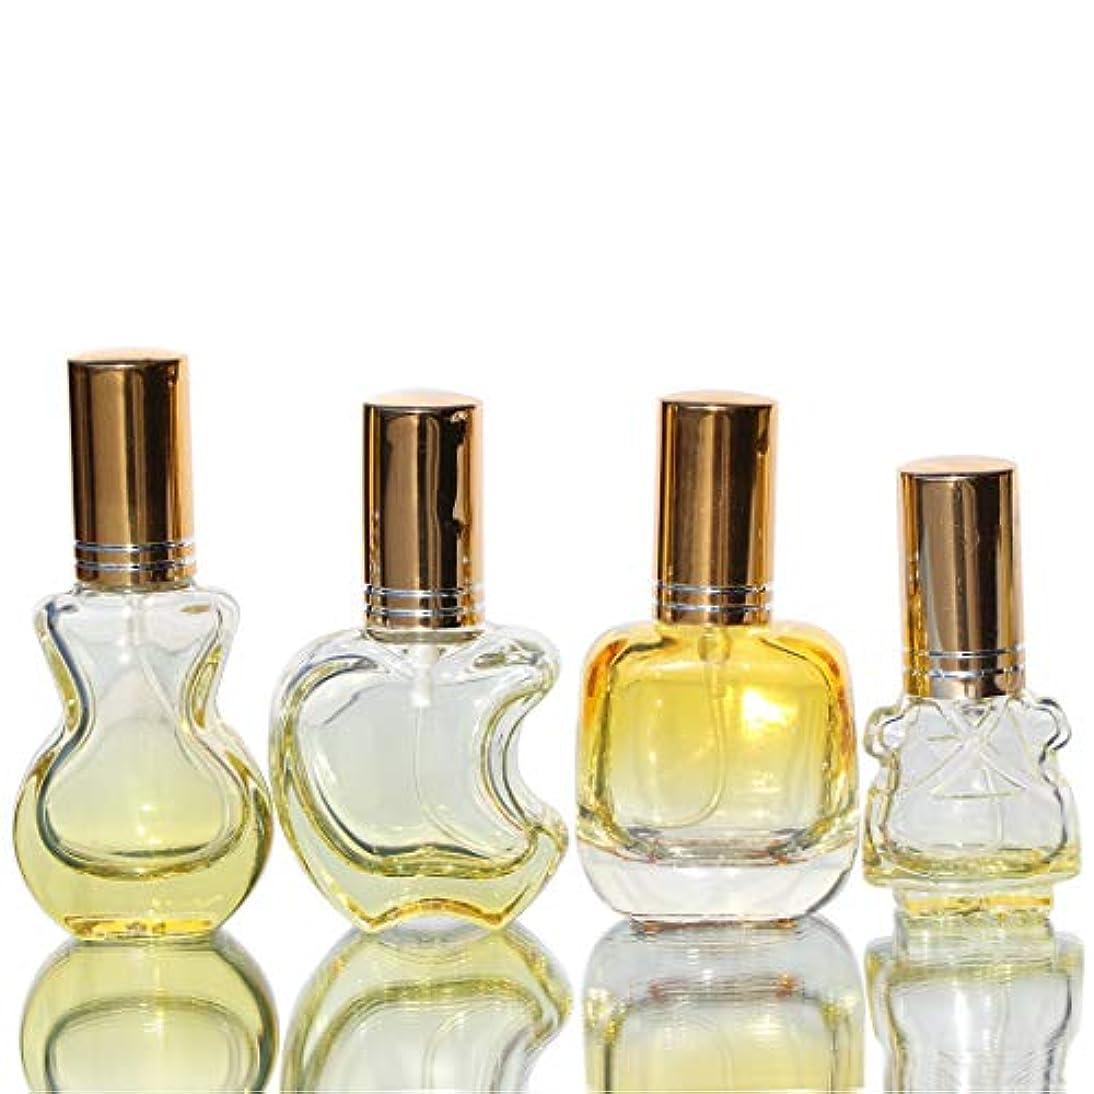 状円形の中断Waltz&F カラフル ガラス製香水瓶 フレグランスボトル 詰替用瓶 空き アトマイザー 分け瓶 旅行用品 化粧水用瓶